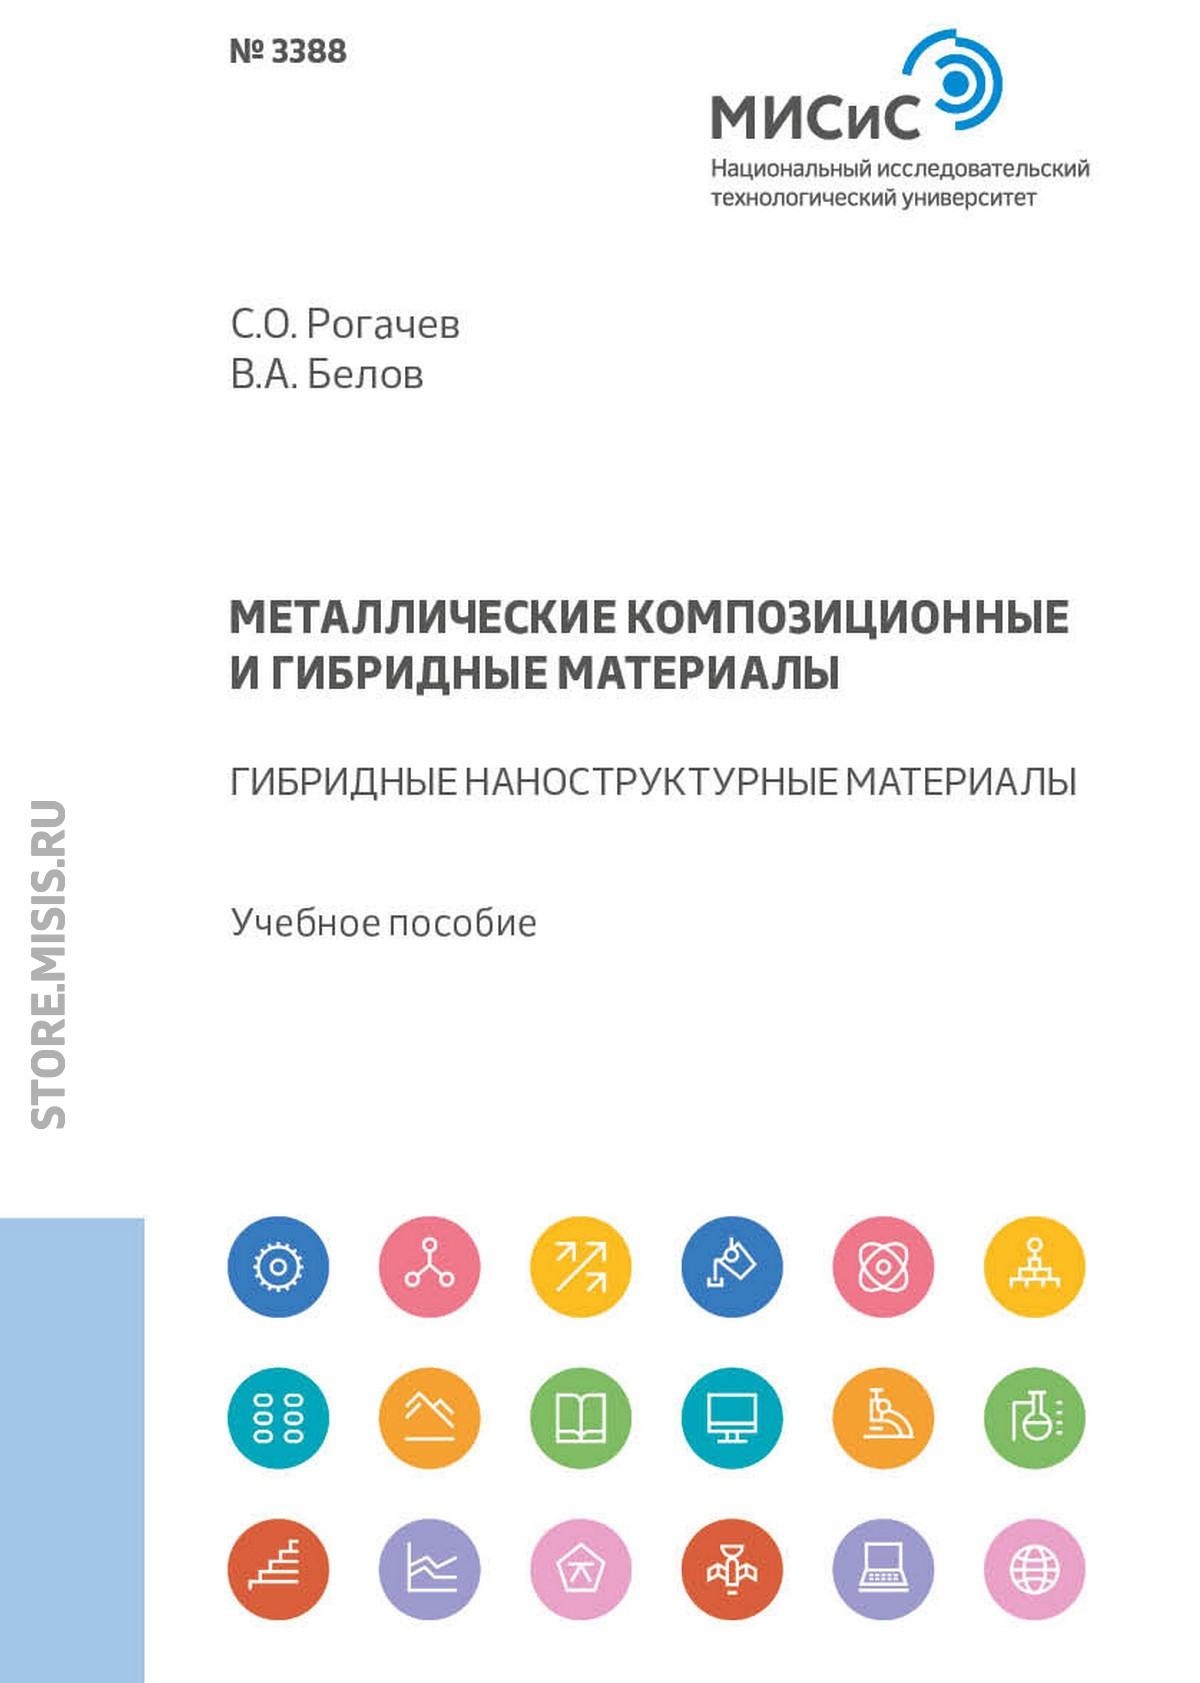 Л. Н. Ларичев Геология. Определение марочной принадлежности и кодового номера ископаемых углей по ГОСТ 25543-88